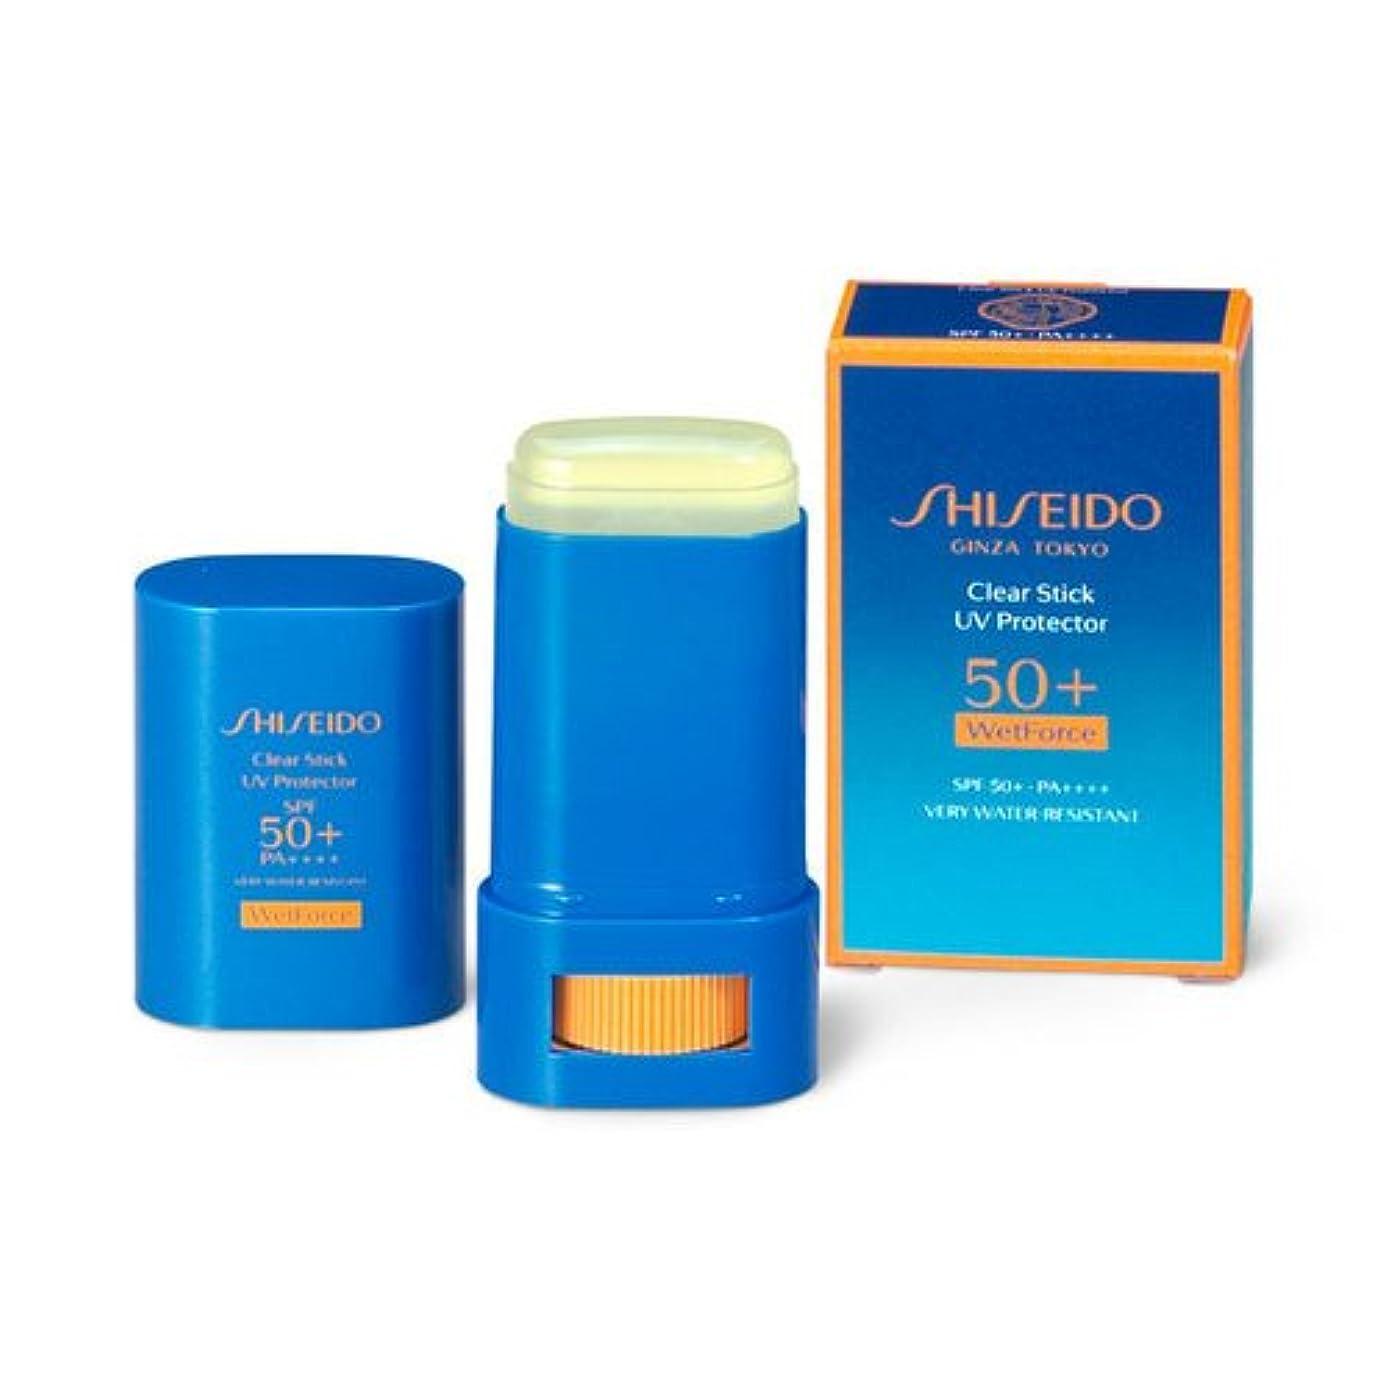 武装解除ひどく偽装するSHISEIDO Suncare(資生堂 サンケア) SHISEIDO(資生堂) クリアスティック UVプロテクター 15g